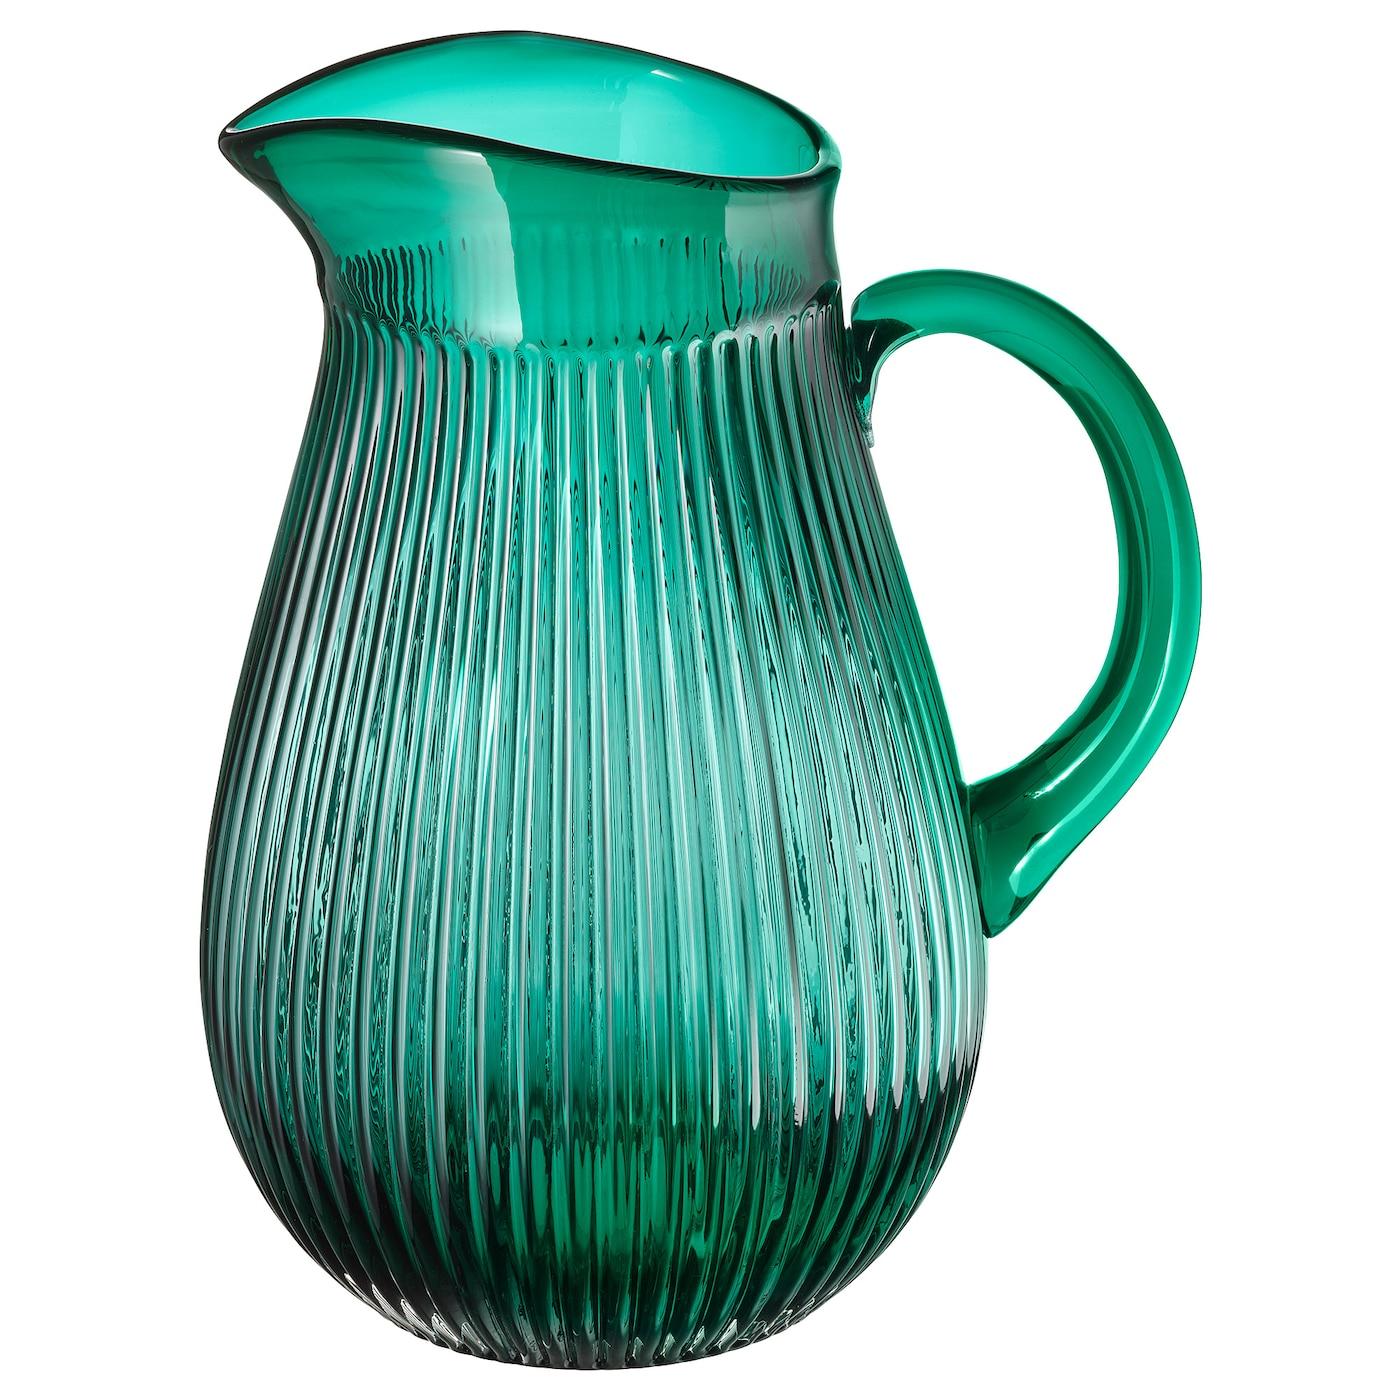 SÄLLSKAPLIG Kanne - gemustert/grün 2 l